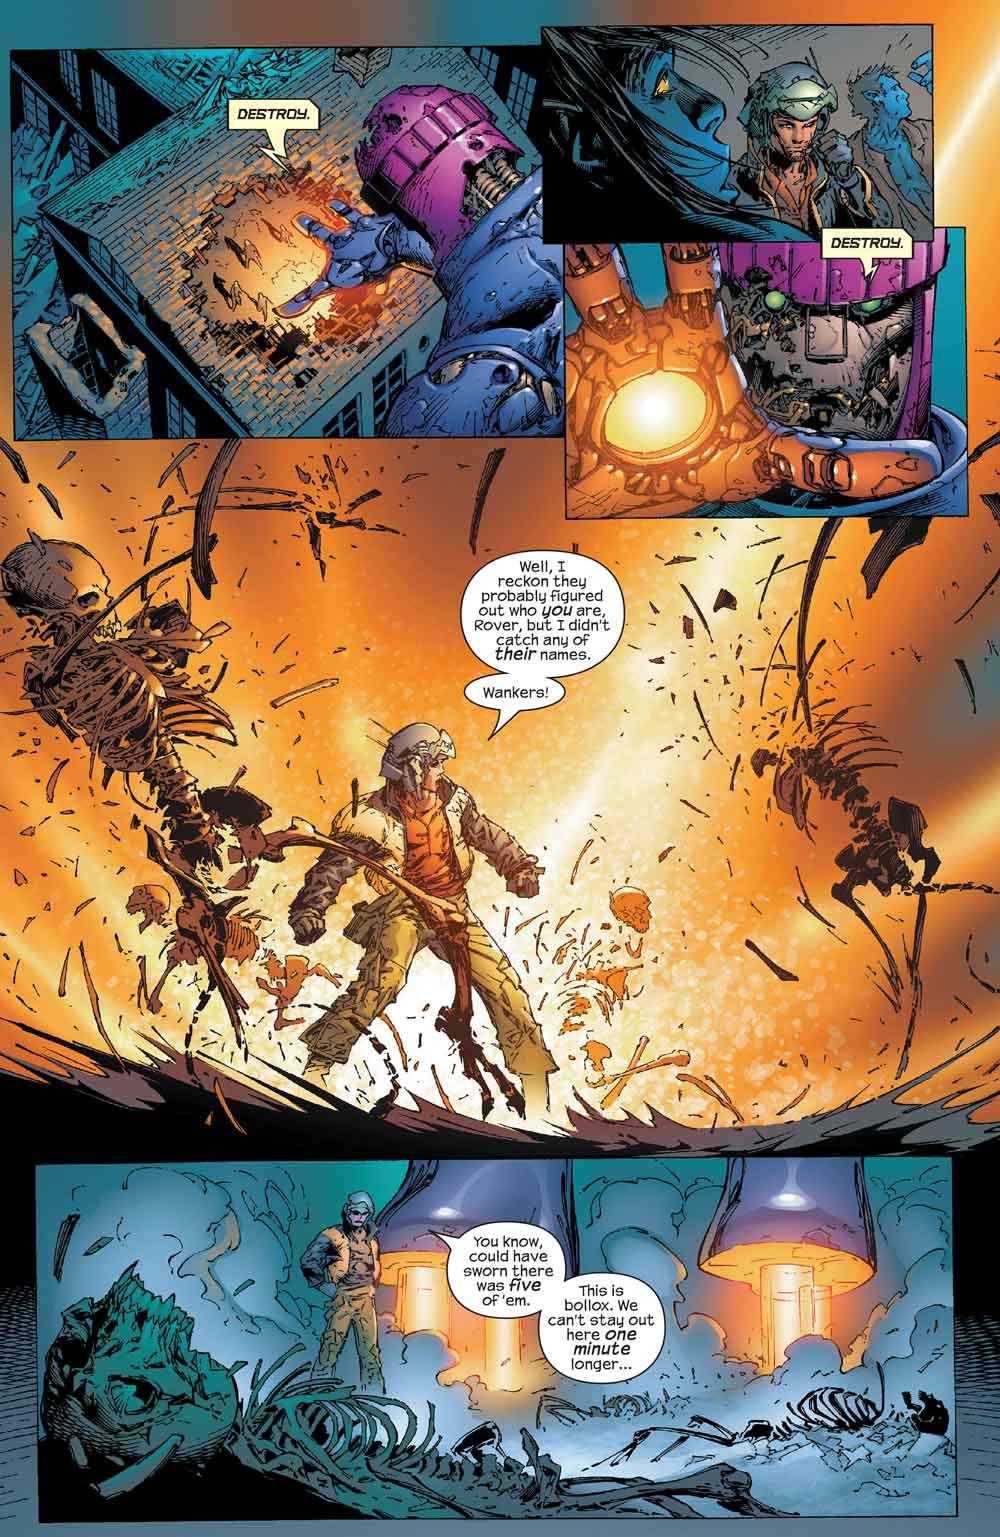 página New X Men Nº 151